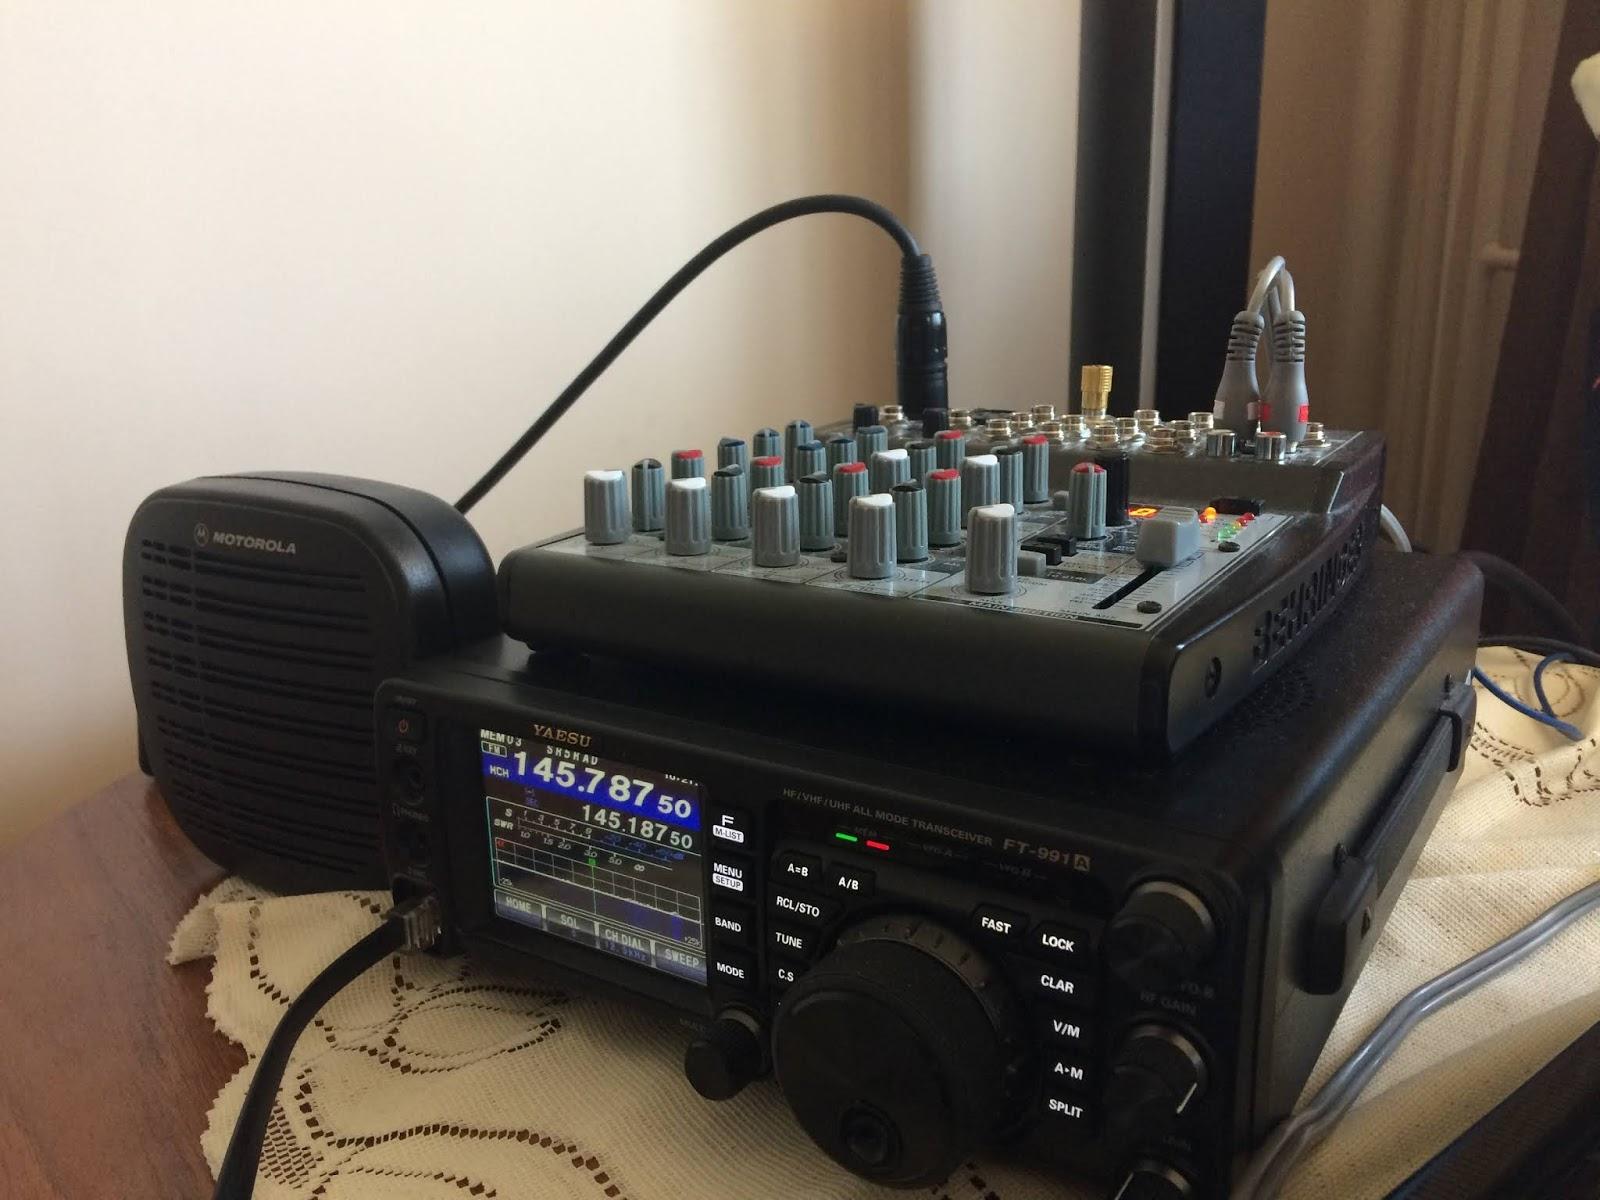 SQ5DRO - Callsign Lookup by QRZ Ham Radio